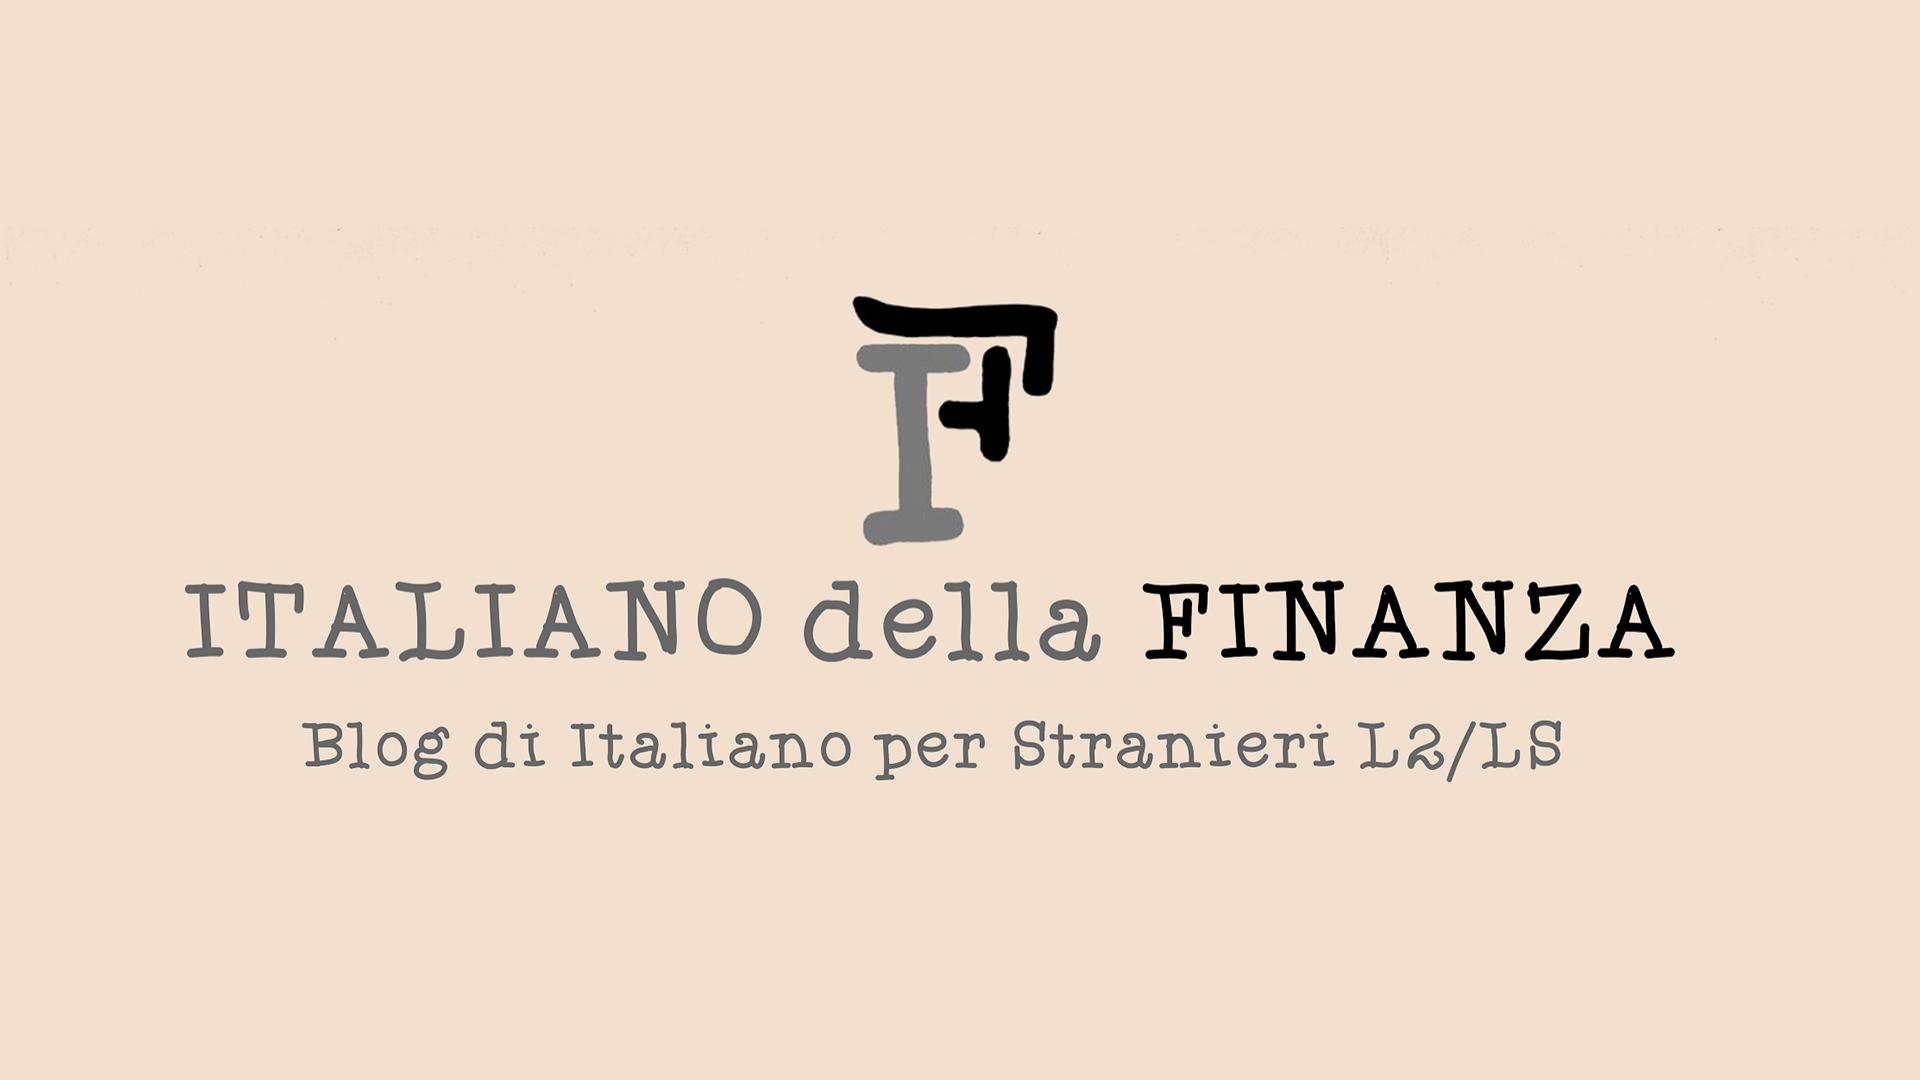 Italiano della Finanza blog